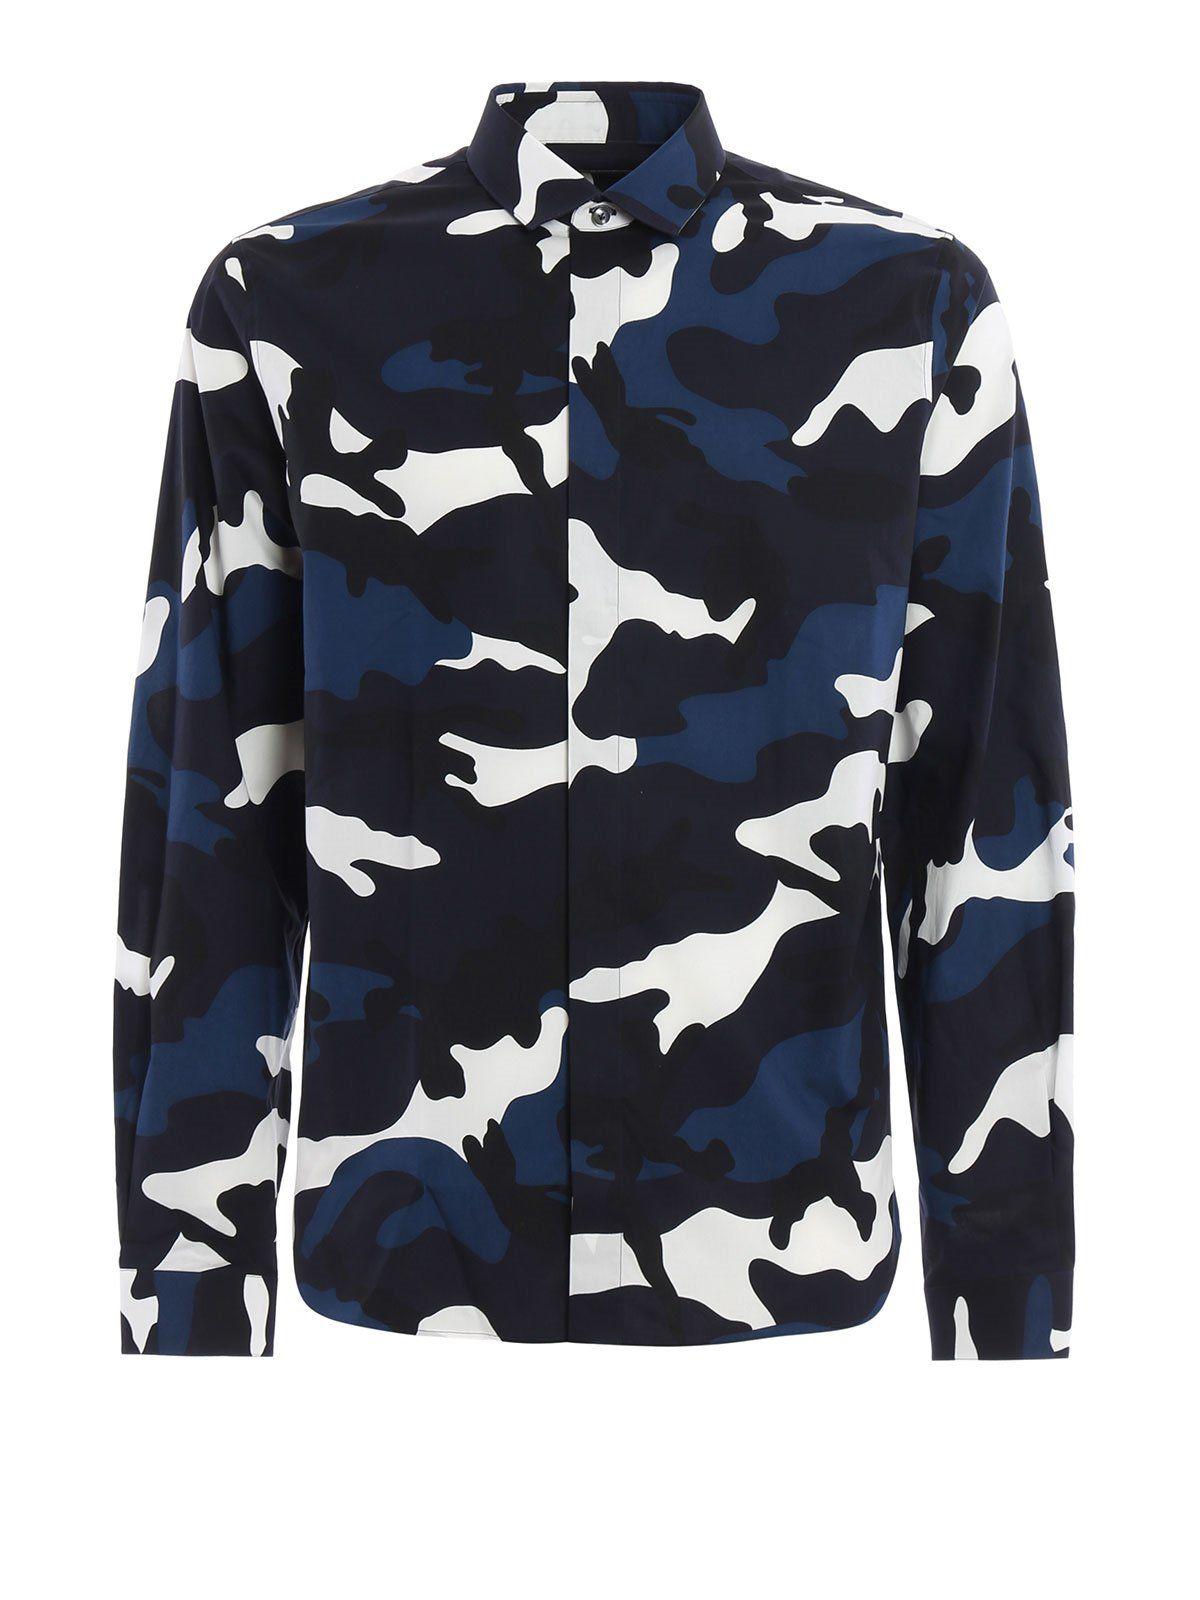 Valentino Camouflage Shirt